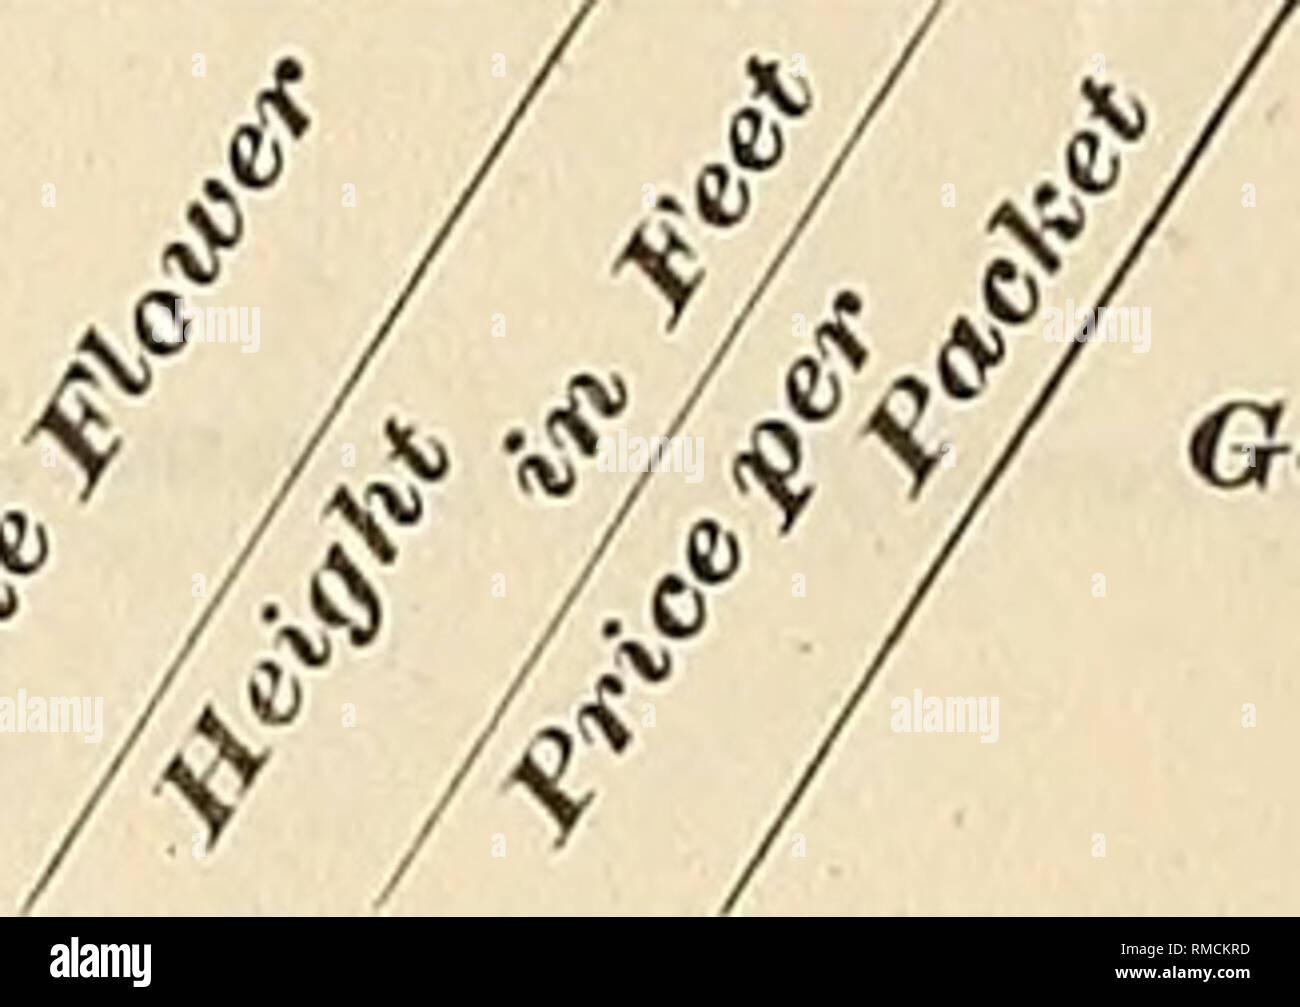 Annual descriptive catalogue of seeds : for the vegetable garden